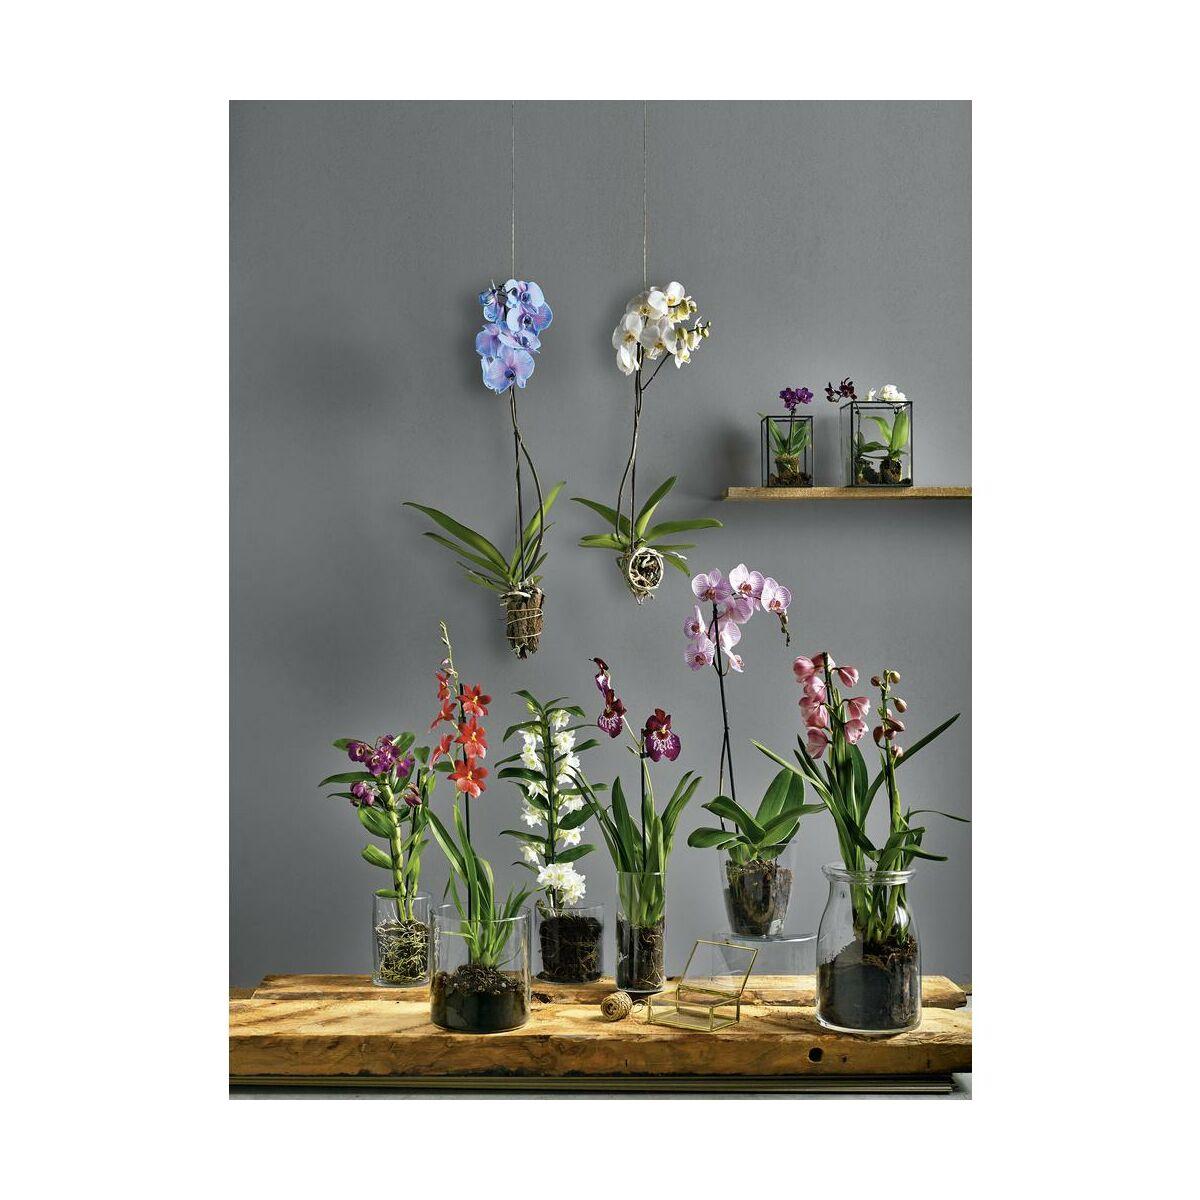 Storczyk Niebieski Falenopsis 1 Ped 60 70 Cm Rosliny Kwitnace W Atrakcyjnej Cenie W Sklepach Leroy Merlin